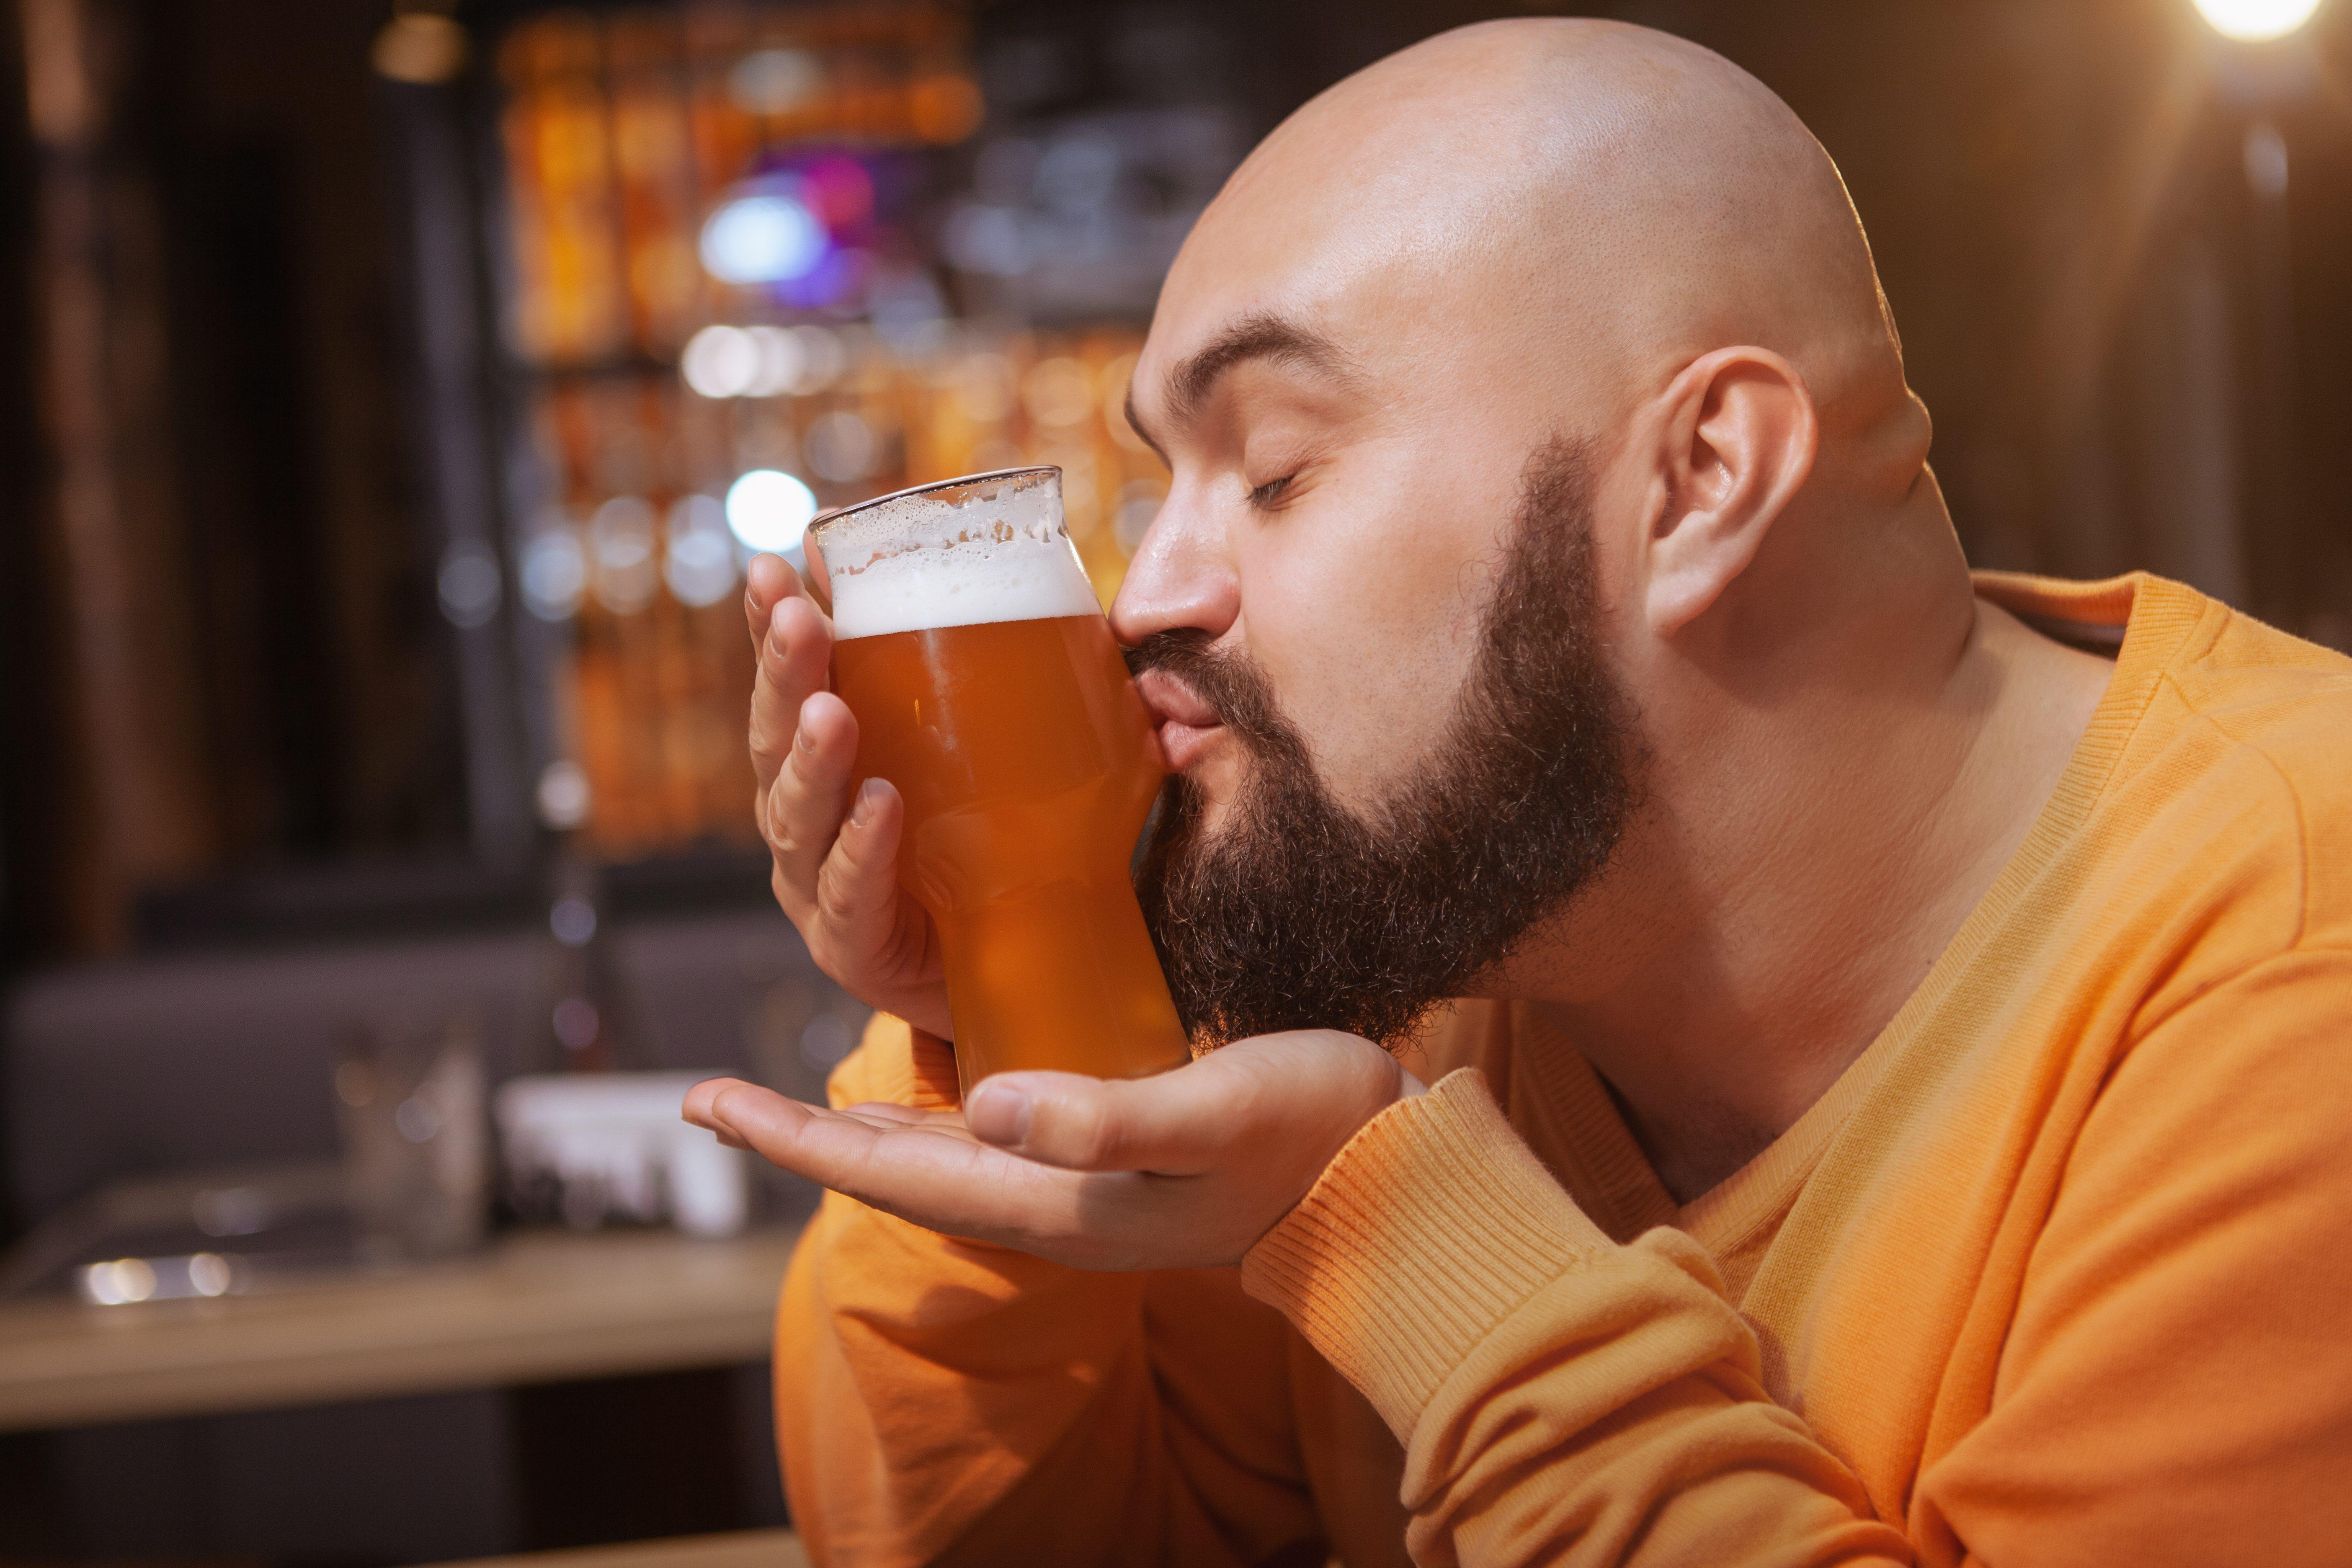 Come si degusta la birra: i consigli dell'esperto per l'esperienza perfetta